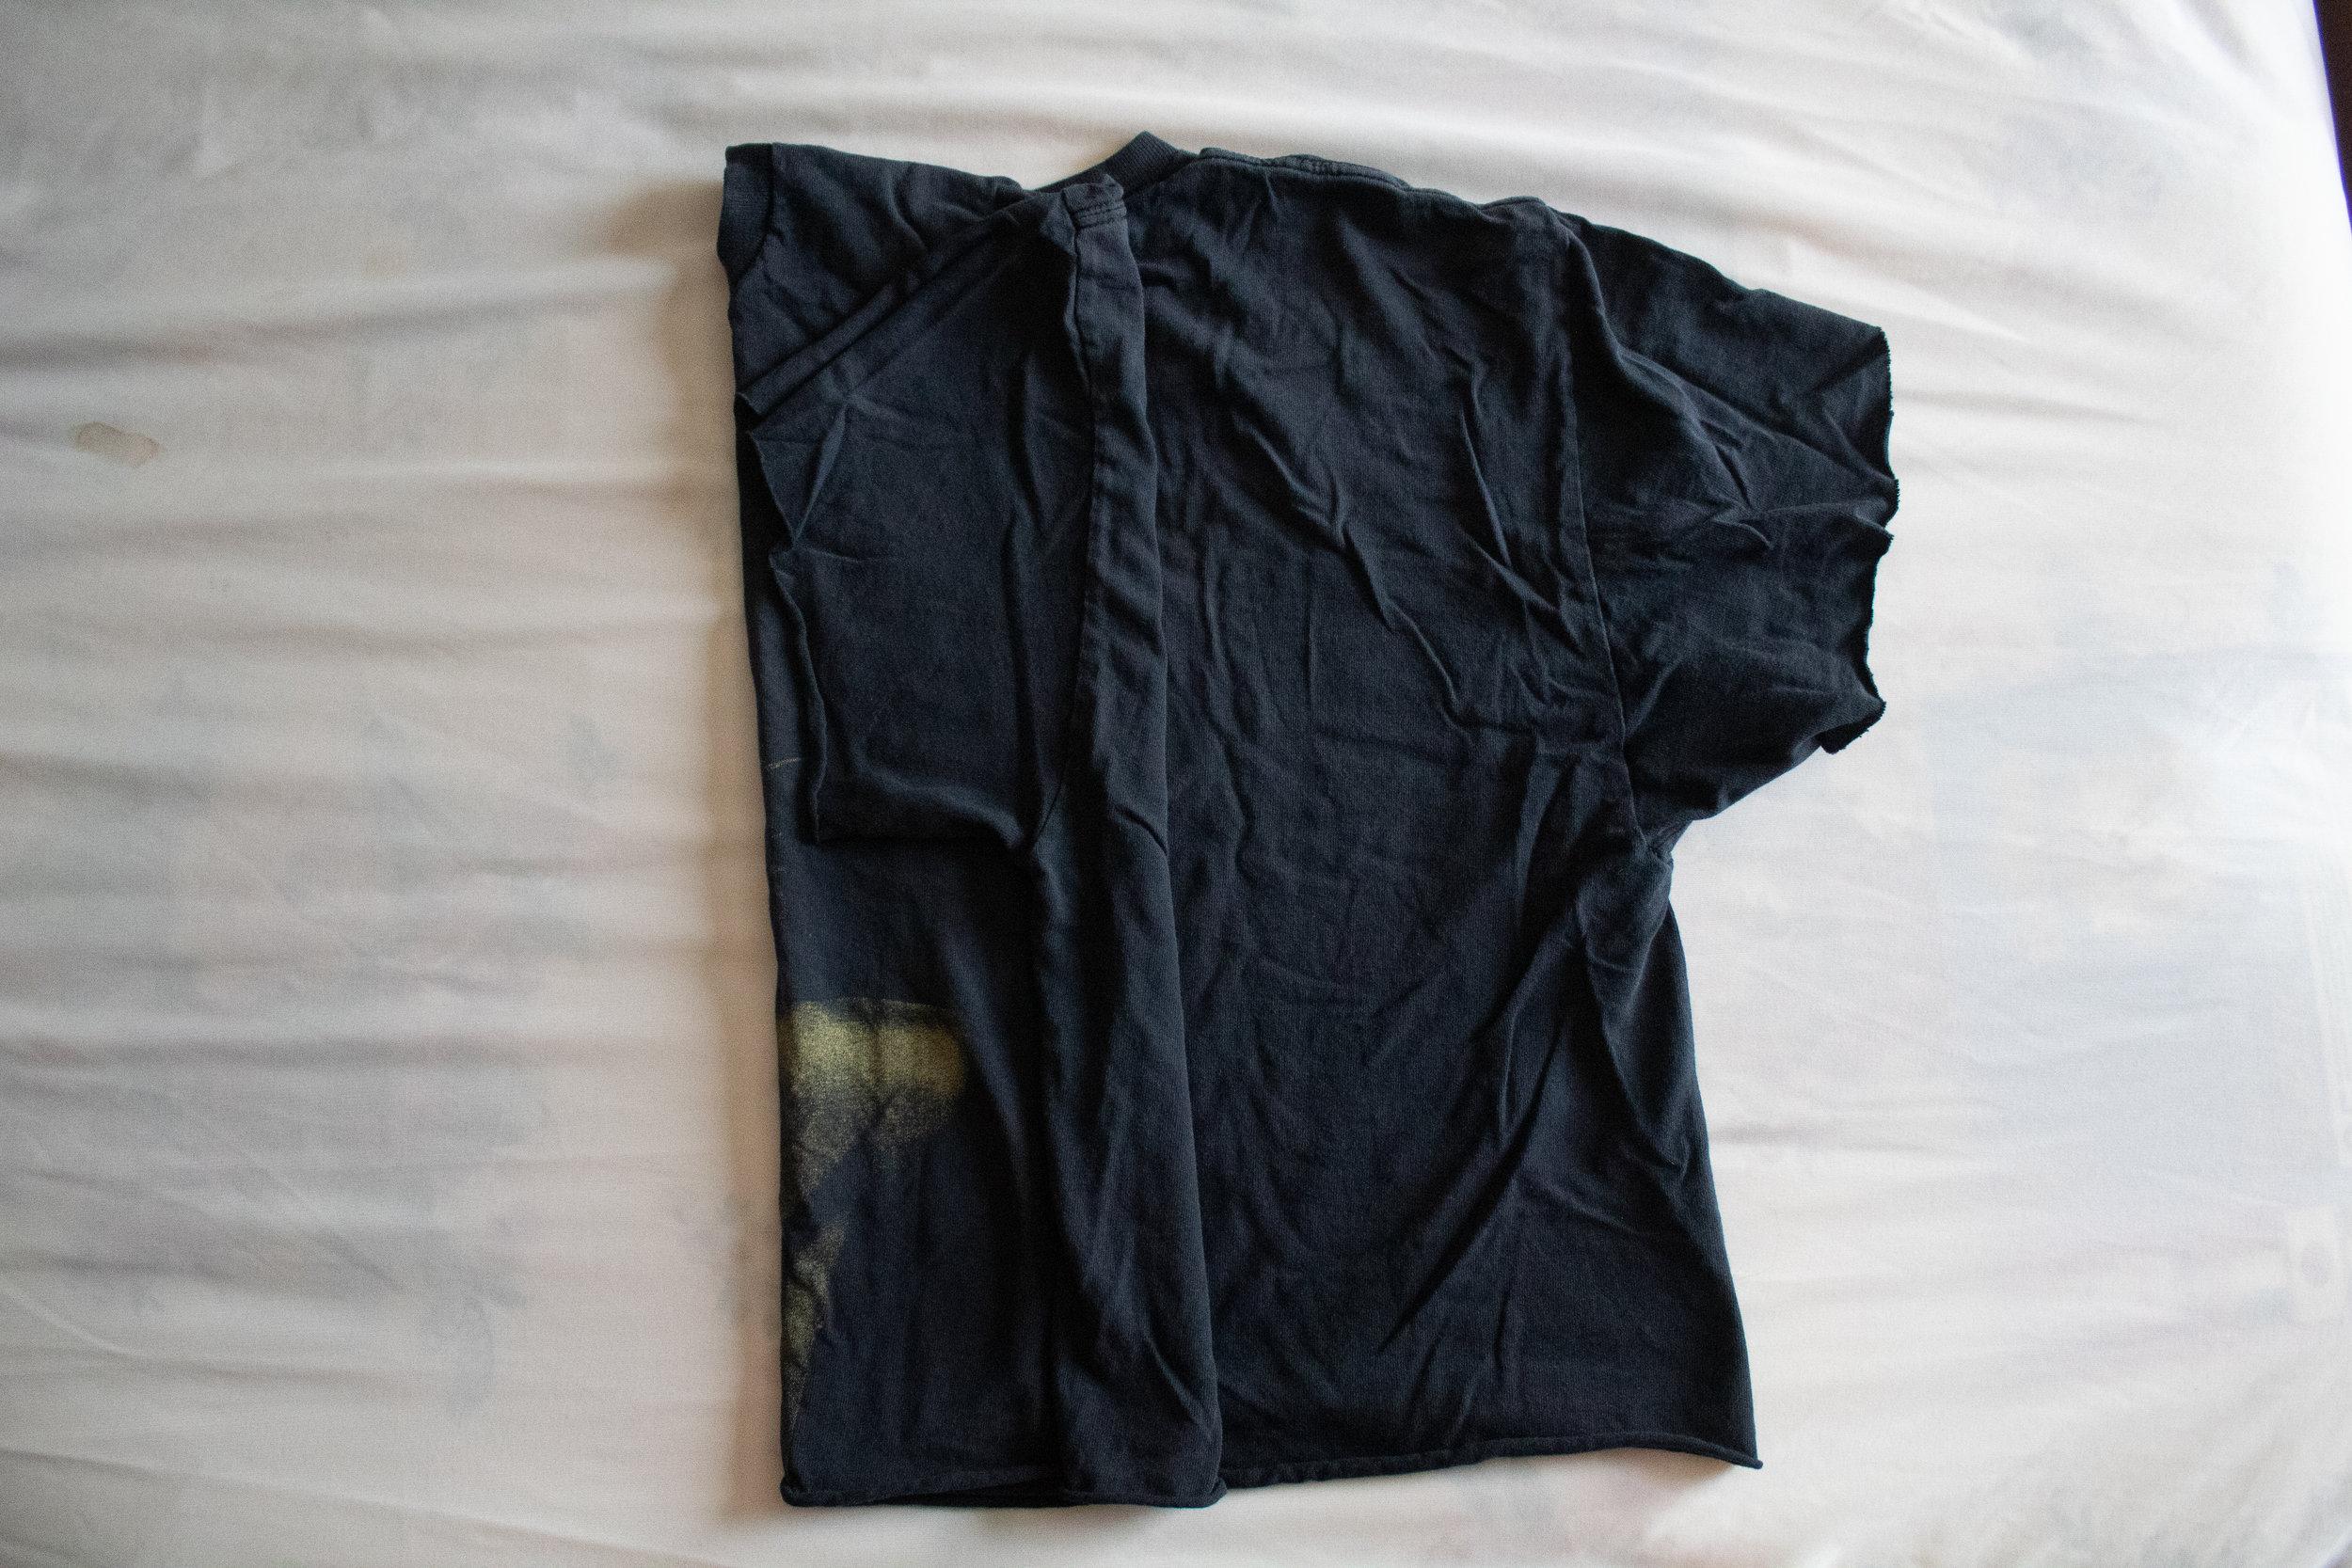 2. fold the shirt in half